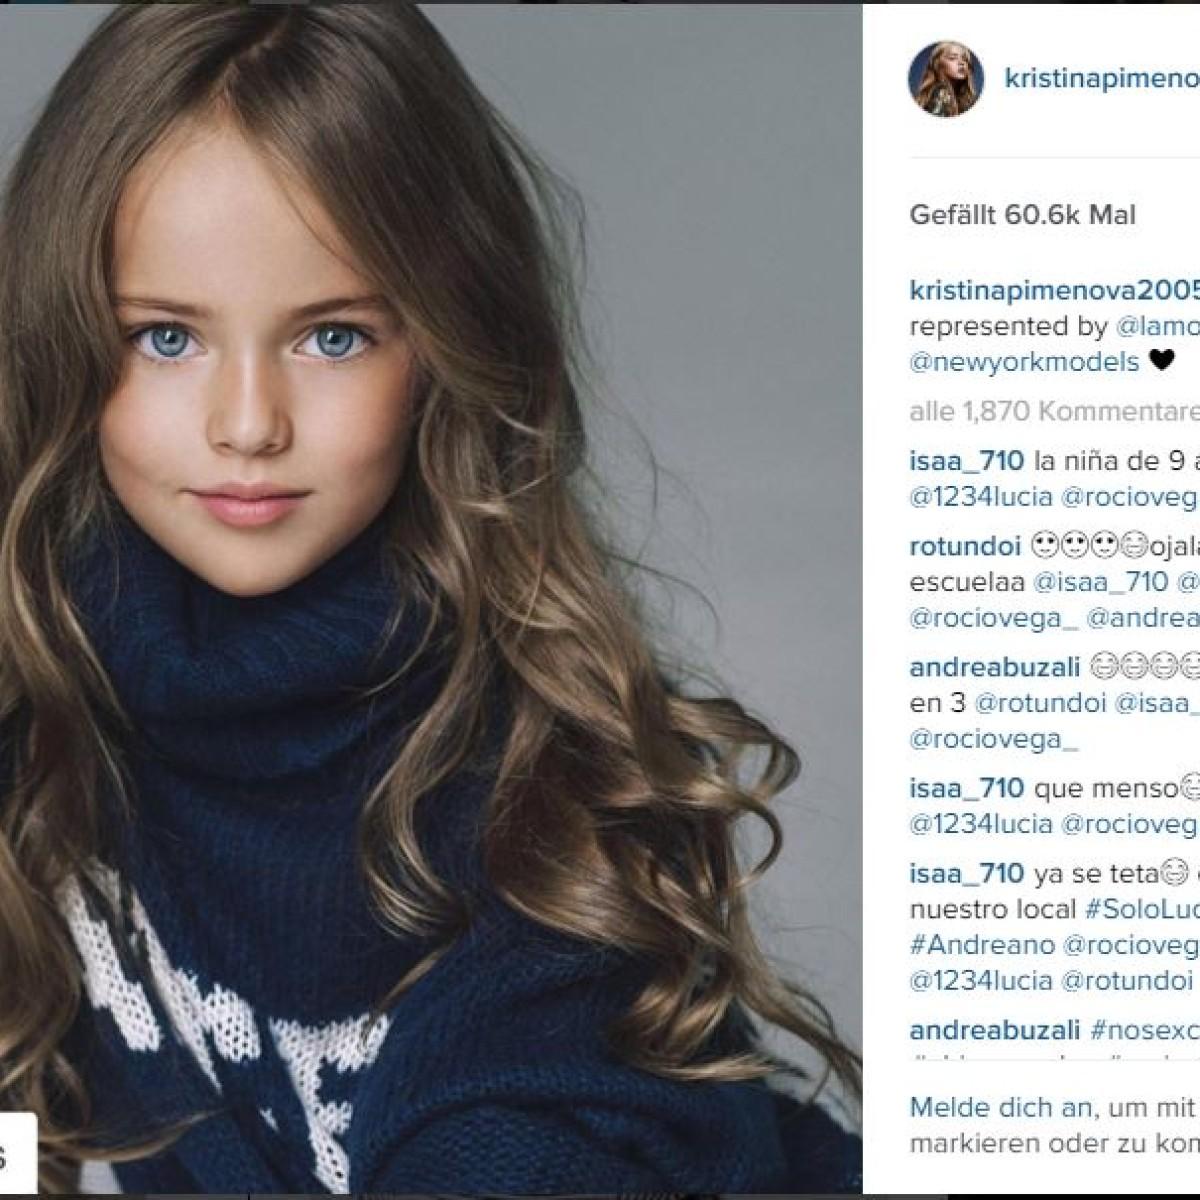 Kristina pimenova freund